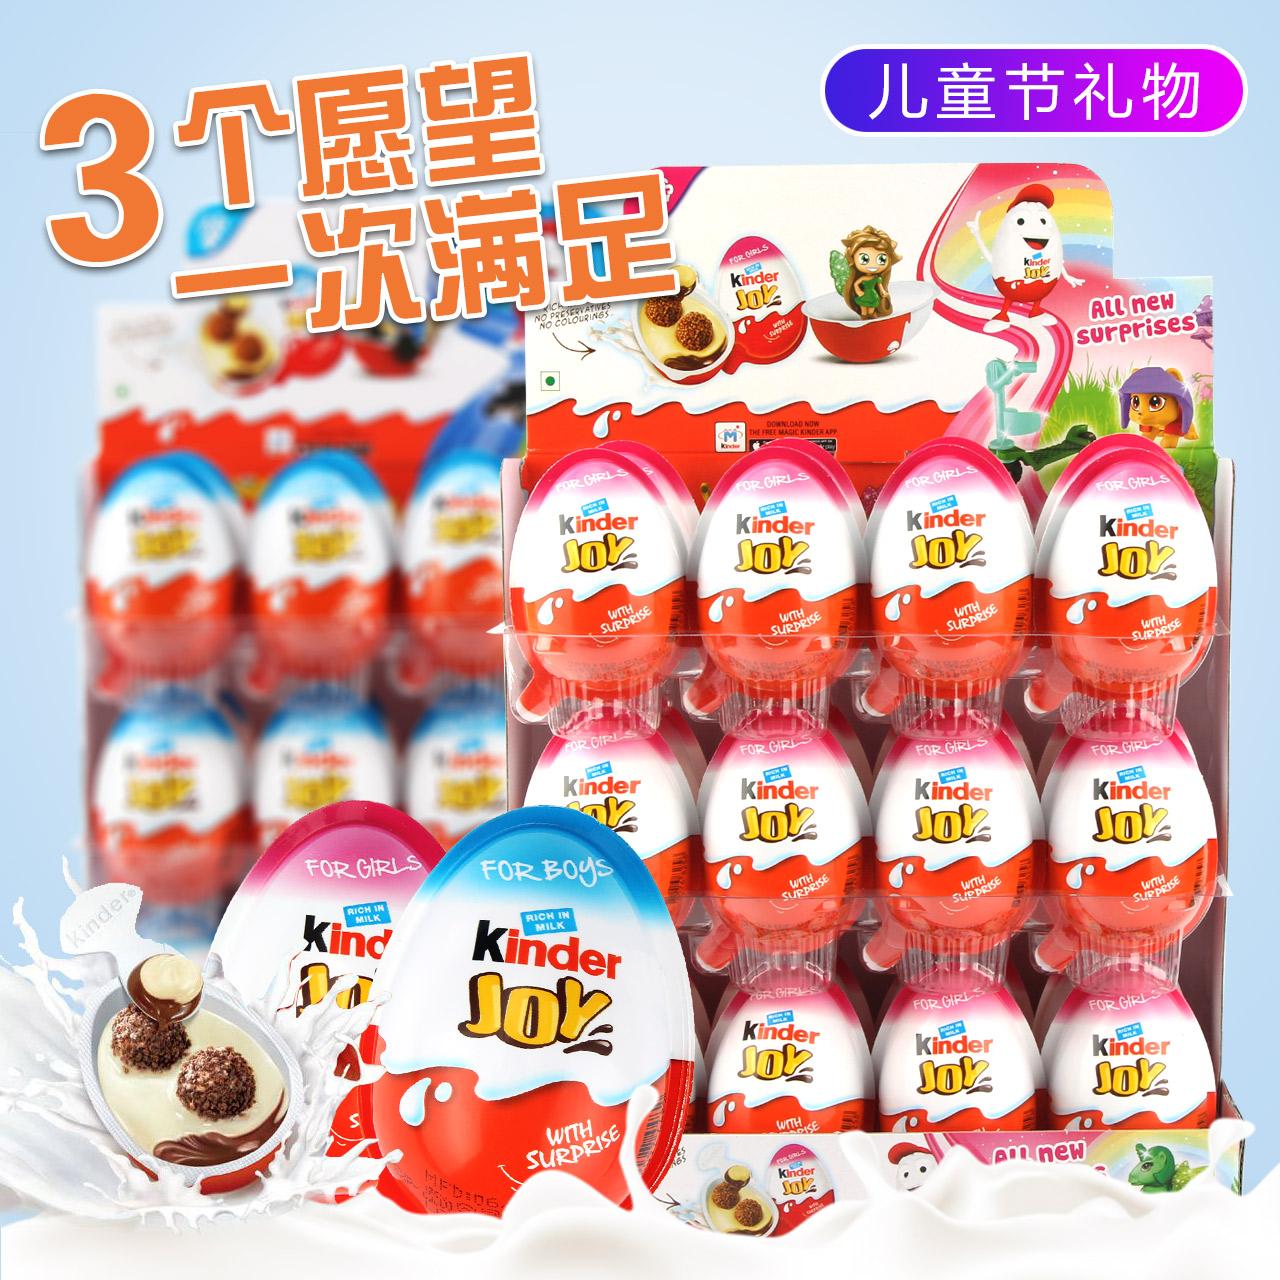 健达奇趣蛋巧克力女孩男孩版进口出奇蛋24个玩具建达儿童零食礼物